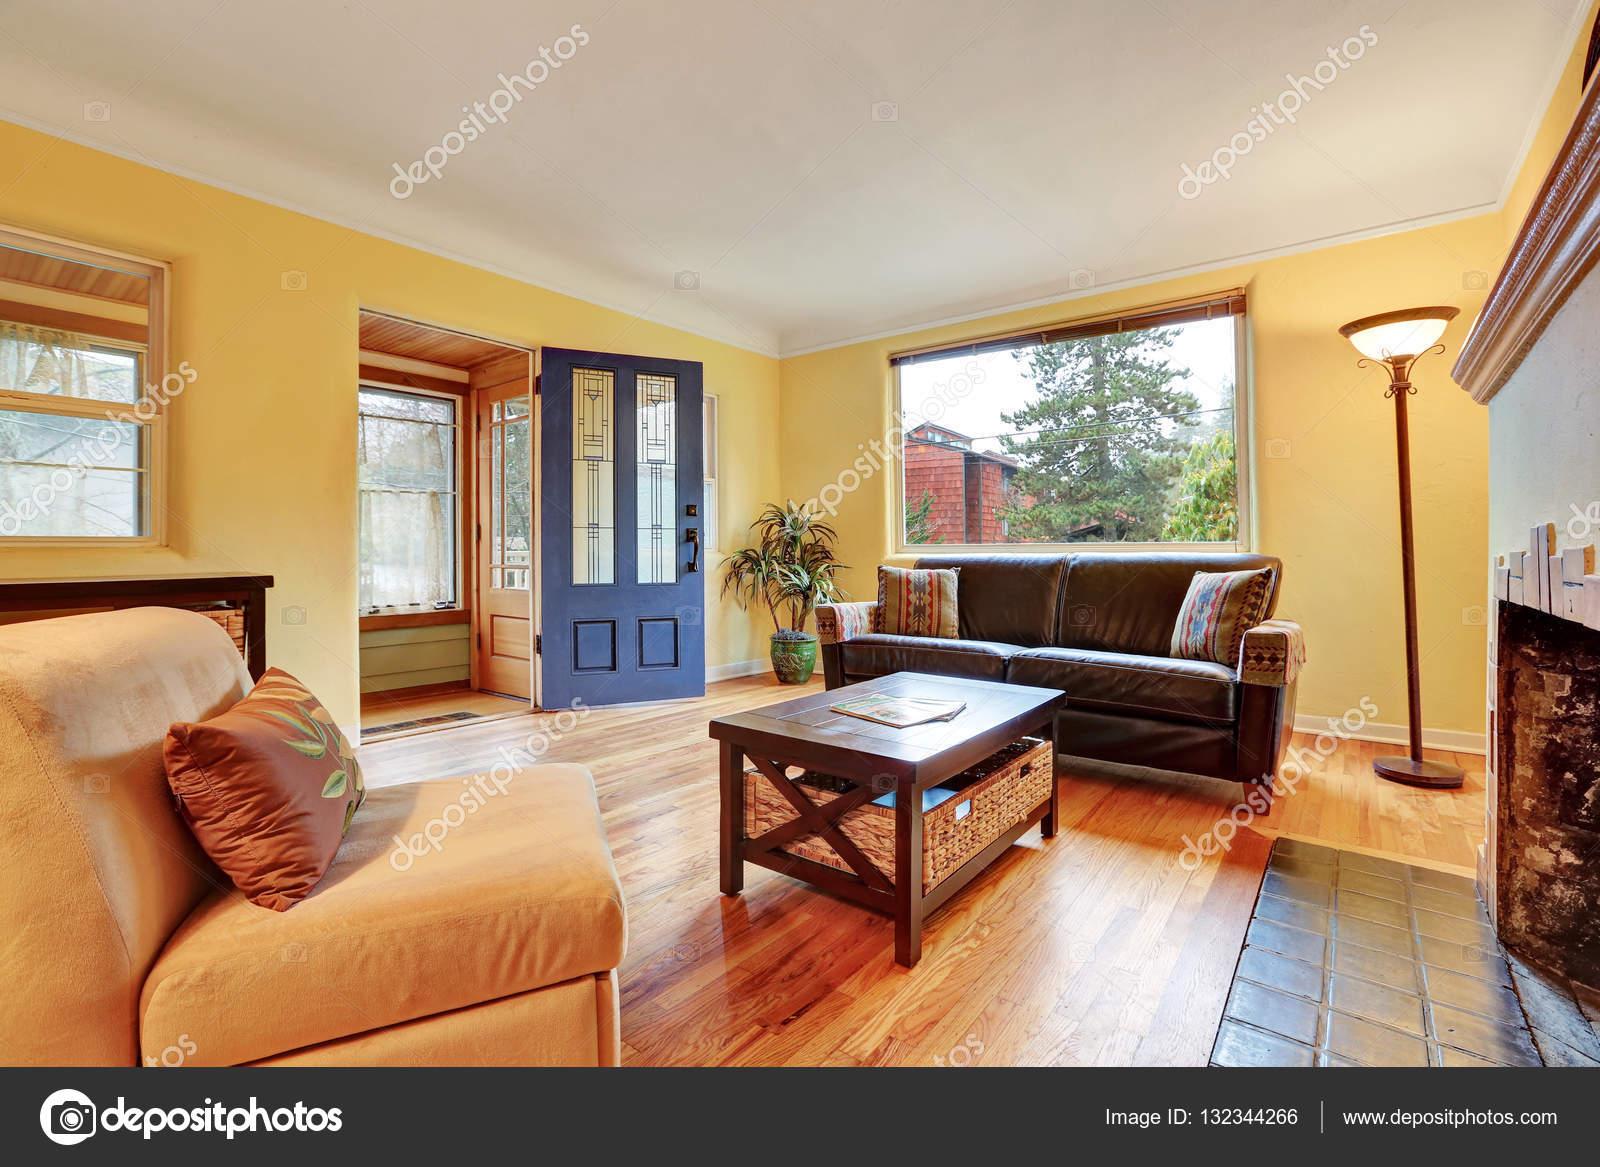 Gezellige woonkamer interieur met warme gele muren — Stockfoto ...